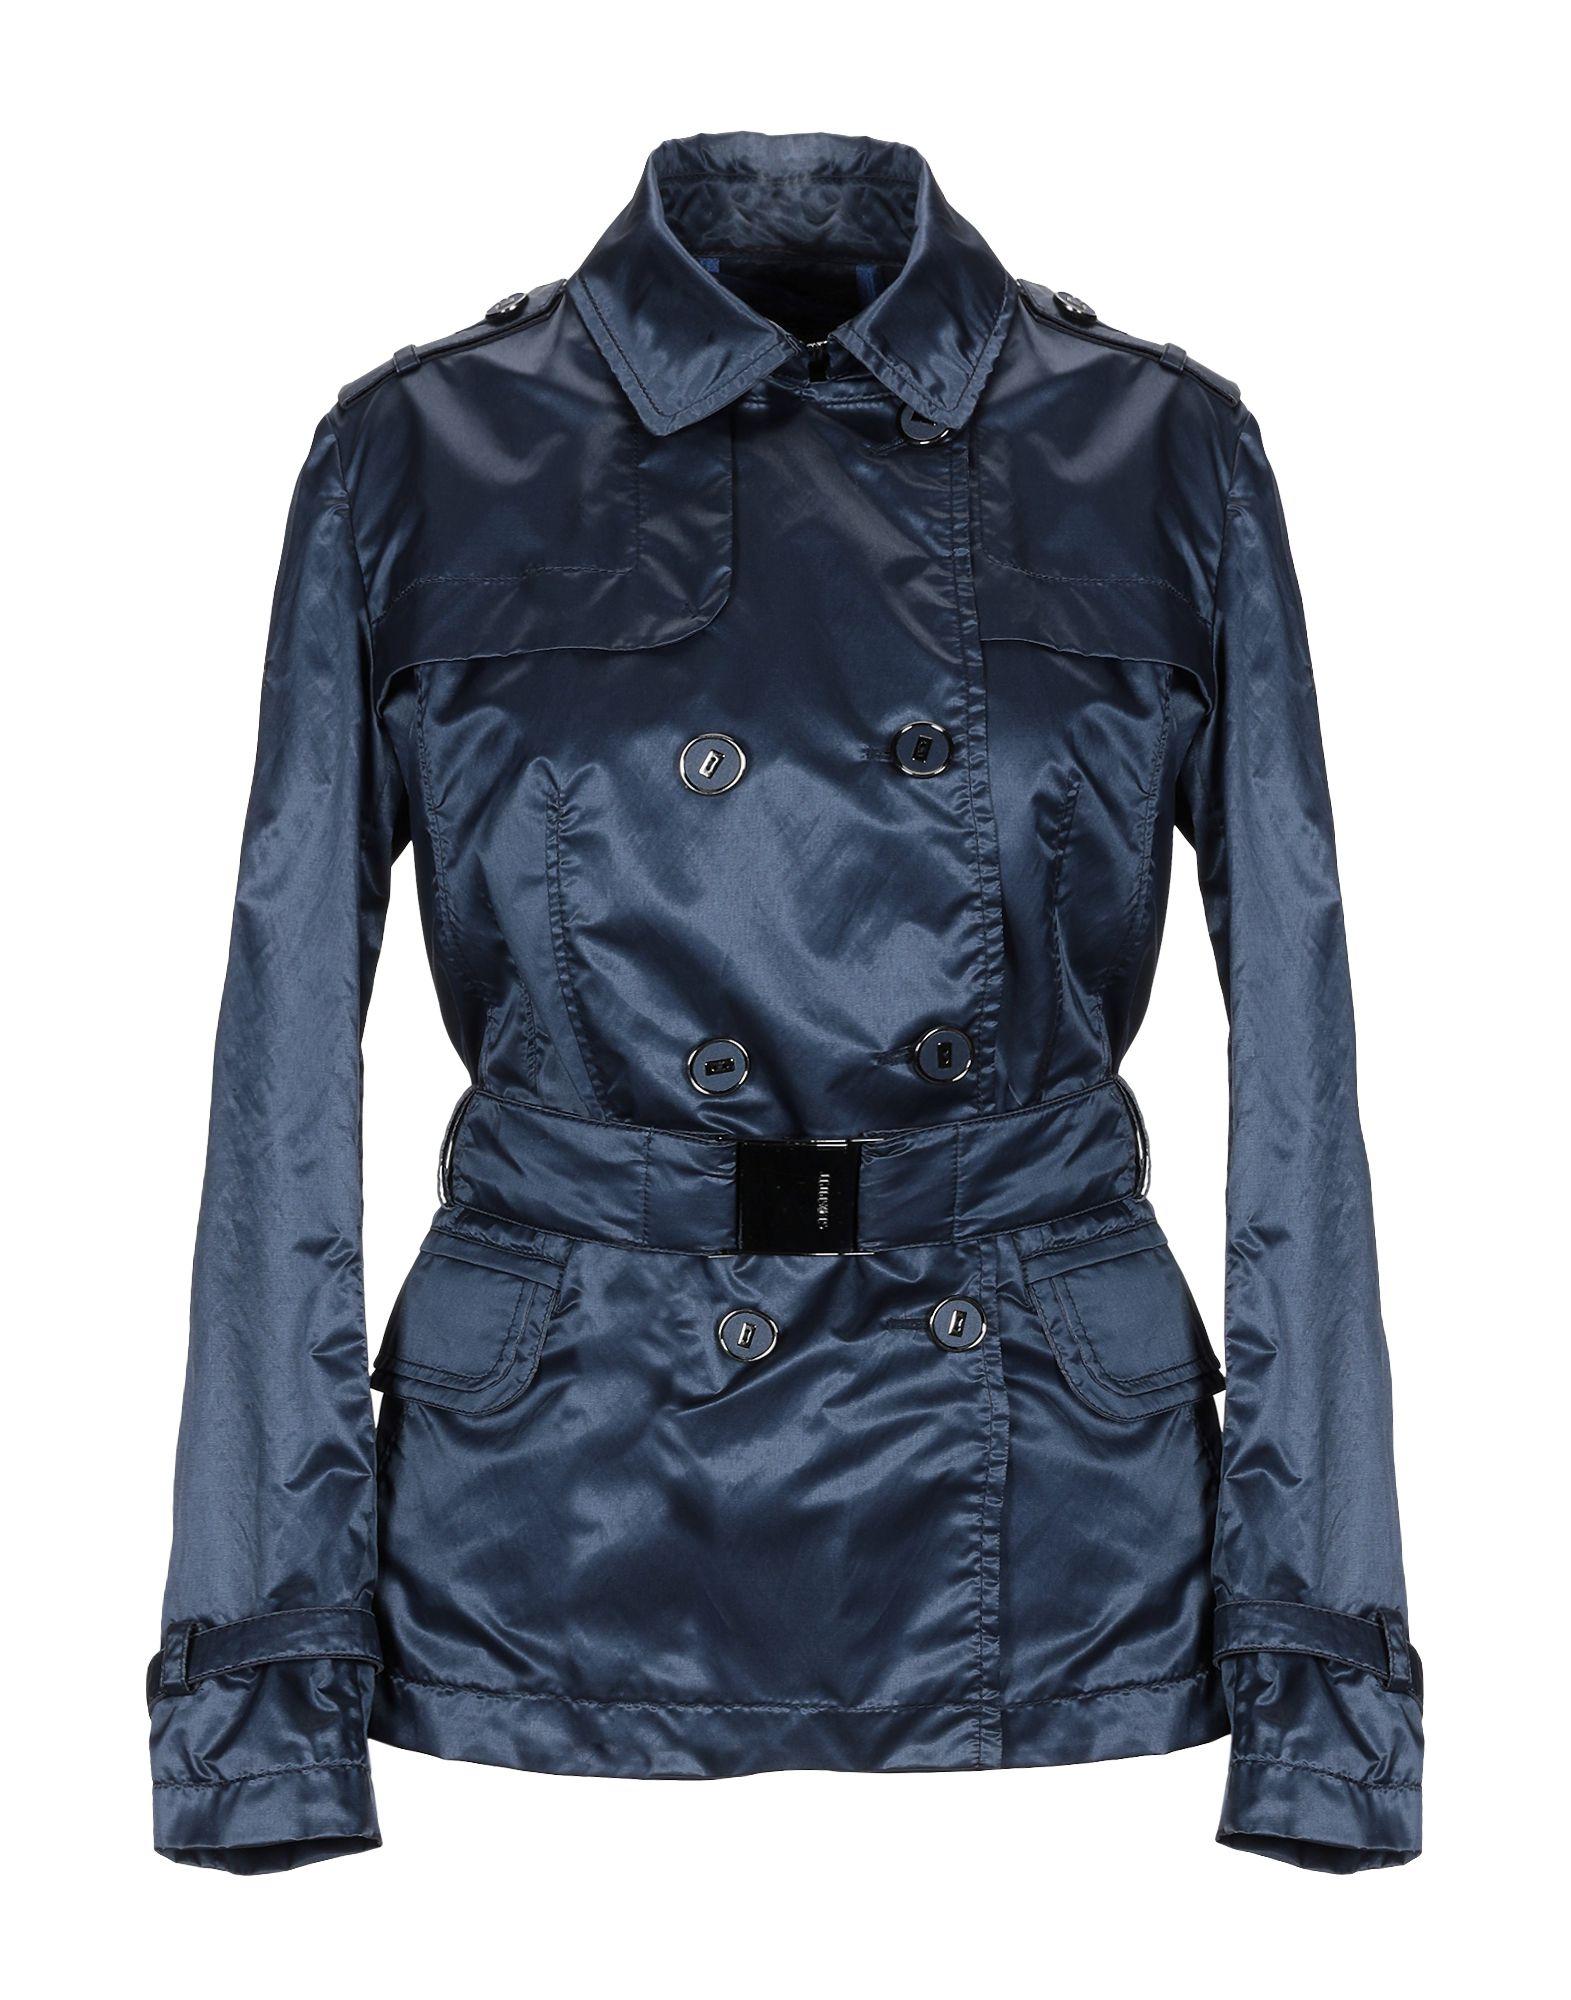 GEOSPIRIT Overcoats in Blue